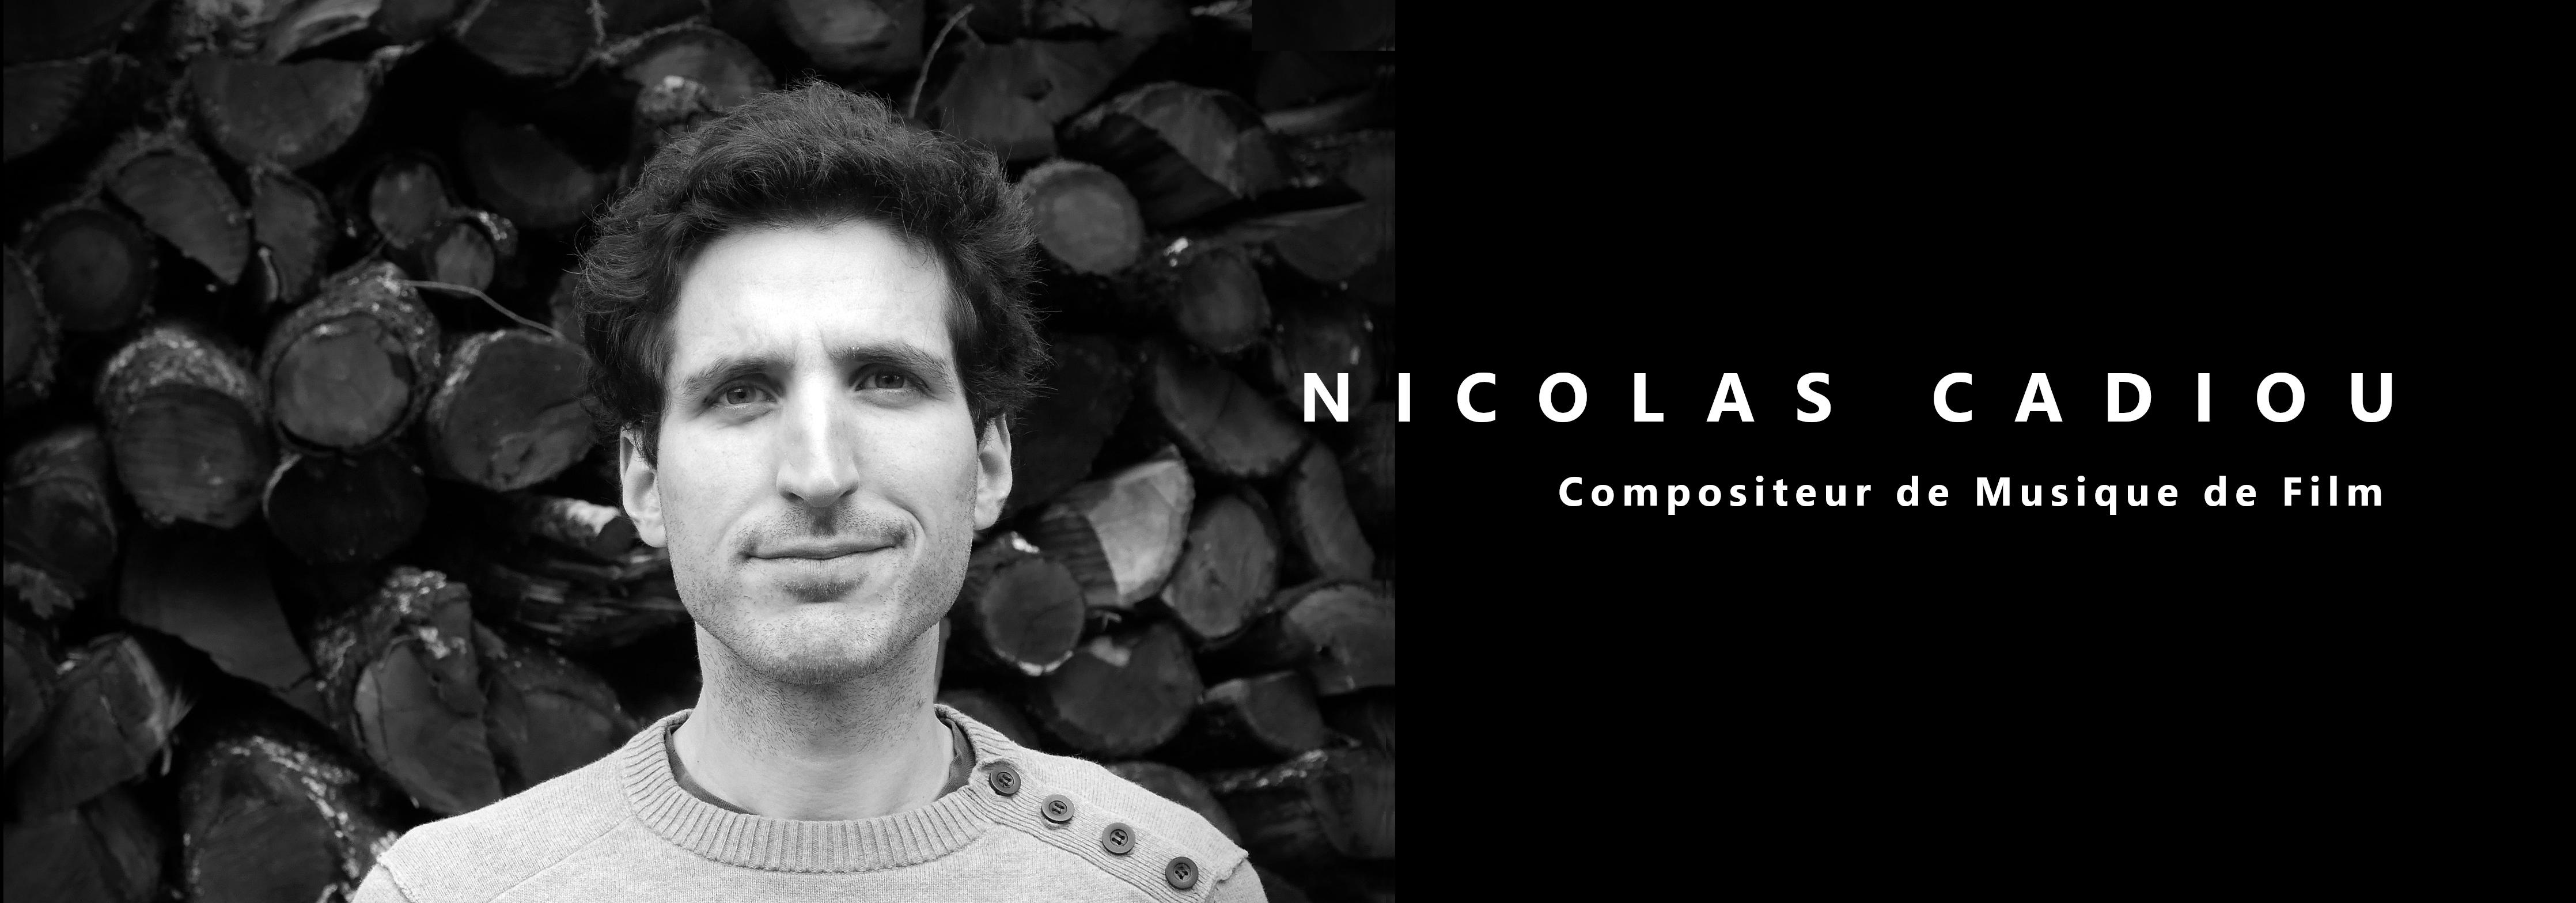 Nicolas Cadiou